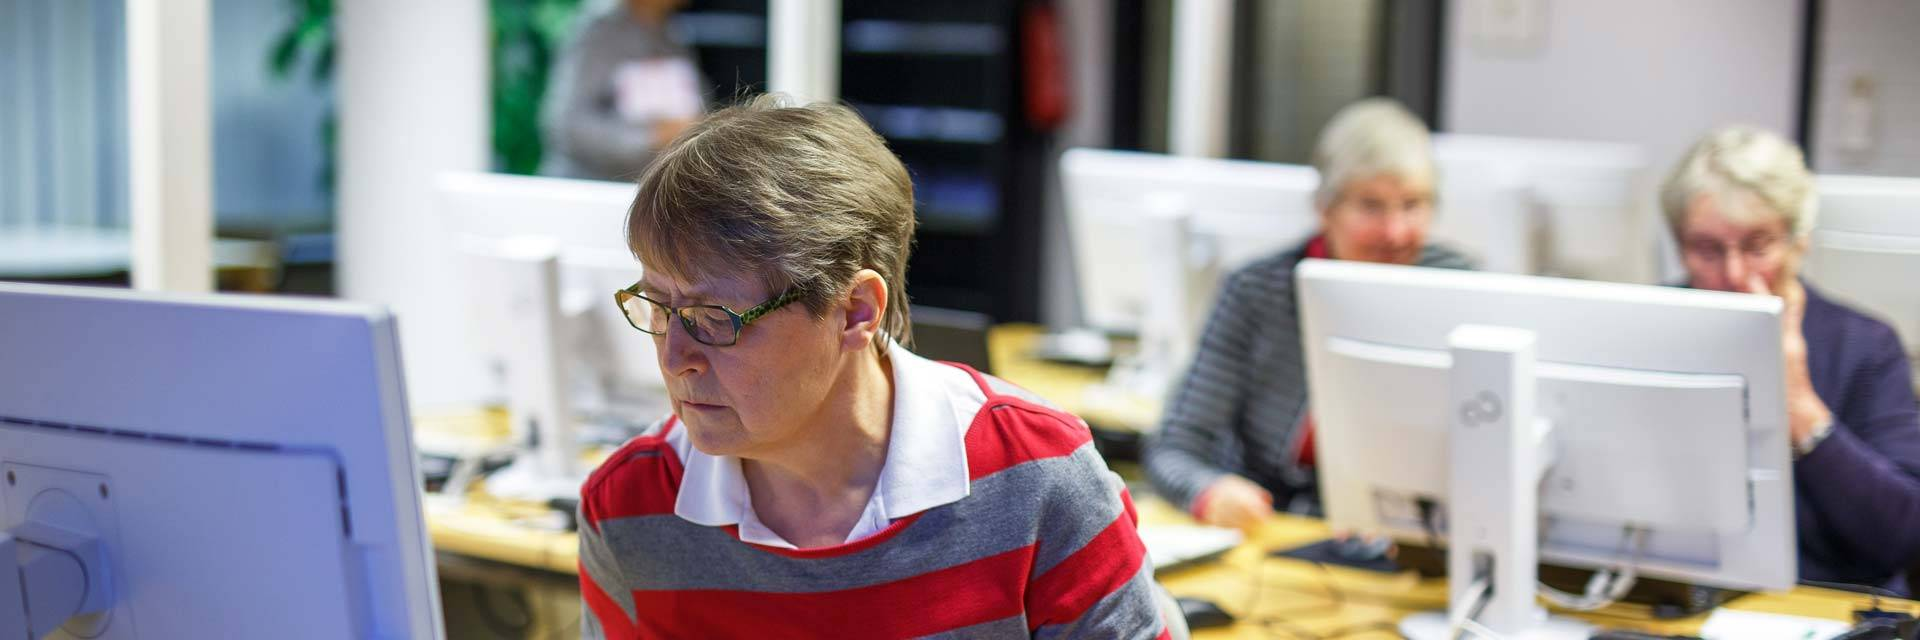 Nainen opettelee tietokoneen käyttöä Valkeakoskiopiston kurssilla